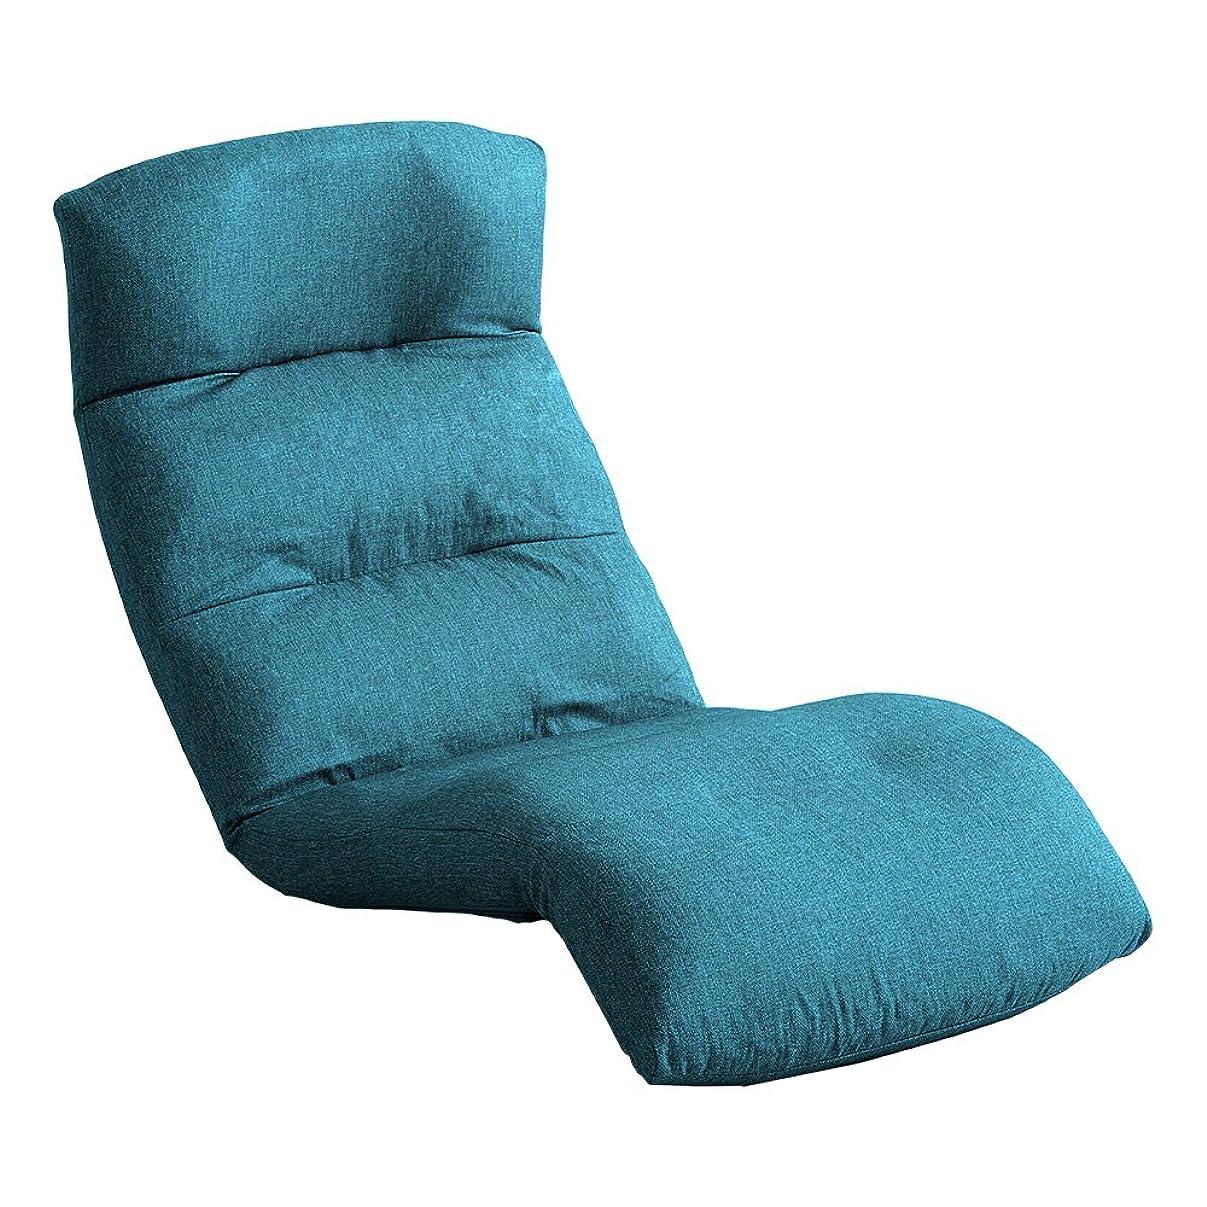 支配する等泥日本製リクライニング座椅子(布地、レザー)14段階調節ギア、転倒防止機能付き | Moln-モルン- Down type ターコイズブルー